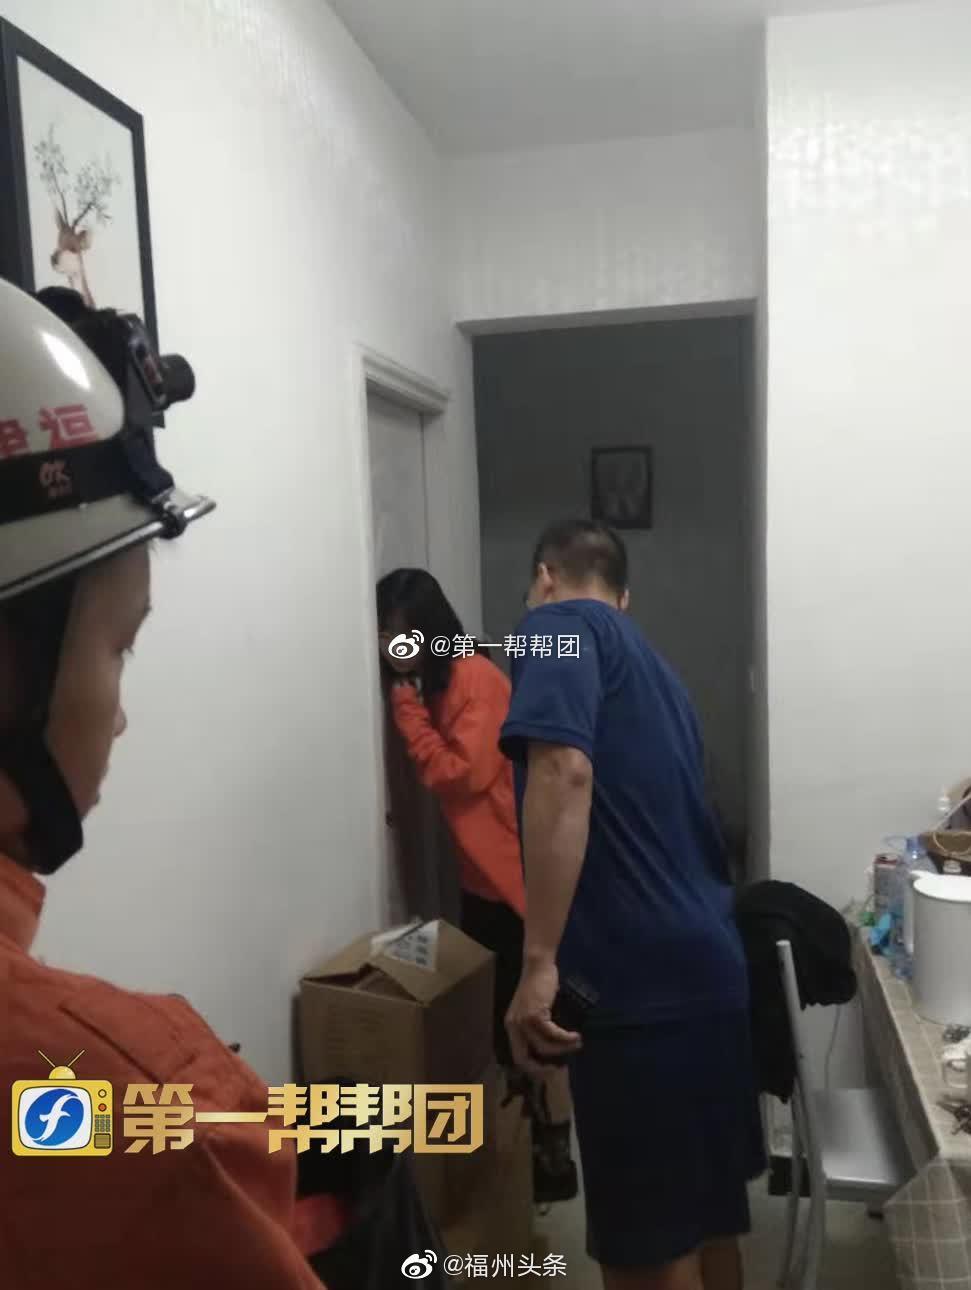 男子因抑郁企图服药自杀 消防员紧急赶往现场救援